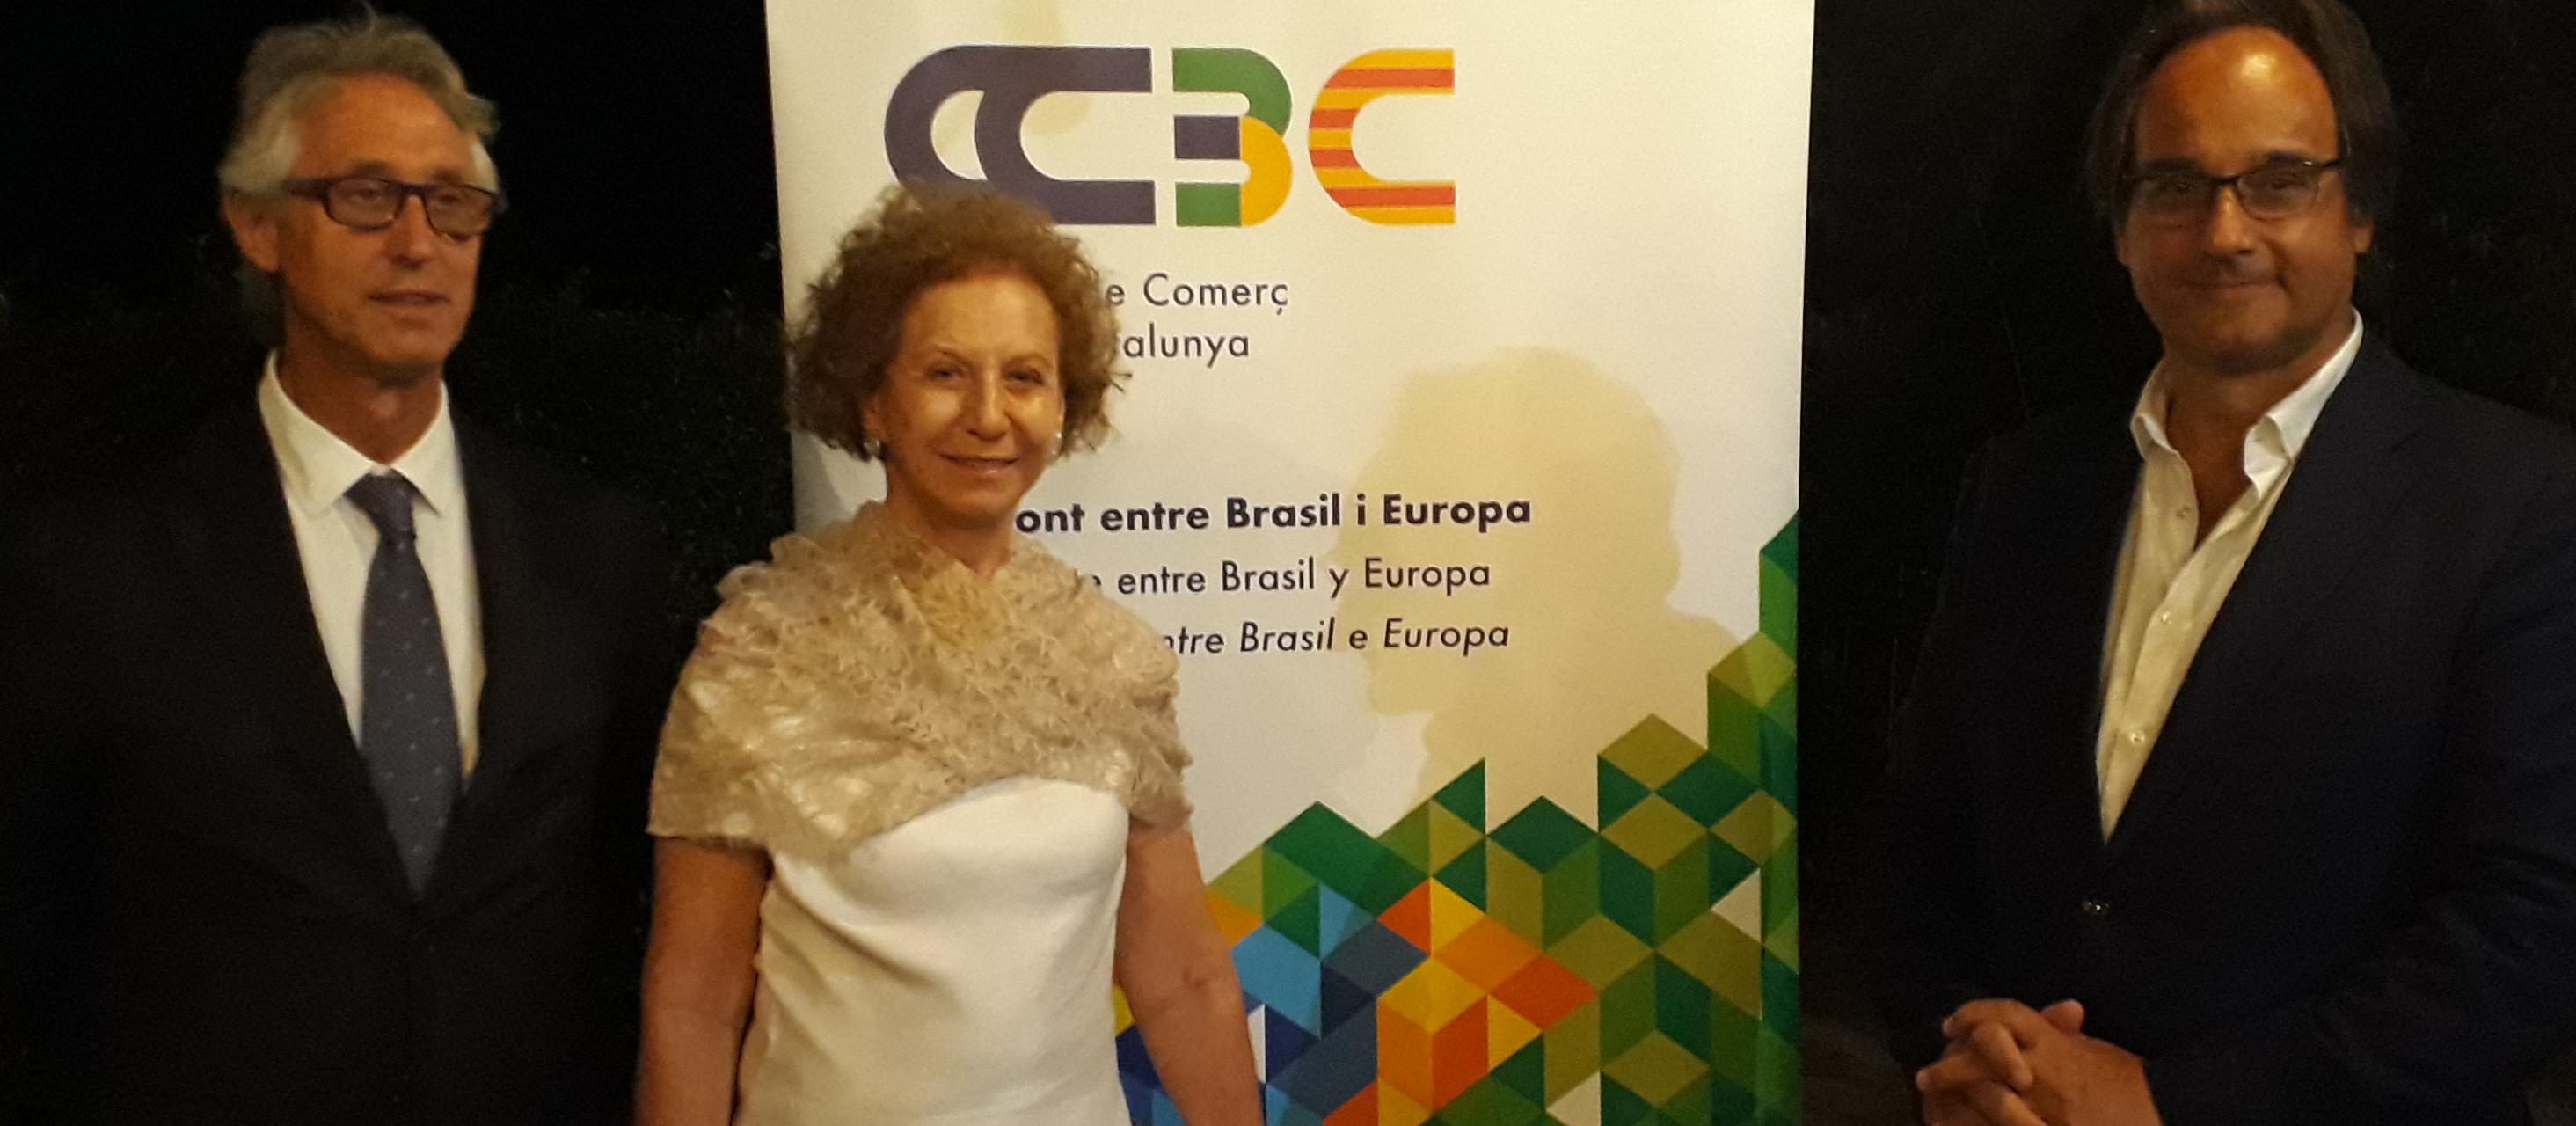 La CCBC celebra el seu tradicional sopar d'estiu al magnífic Hotel Arrey d'Alella